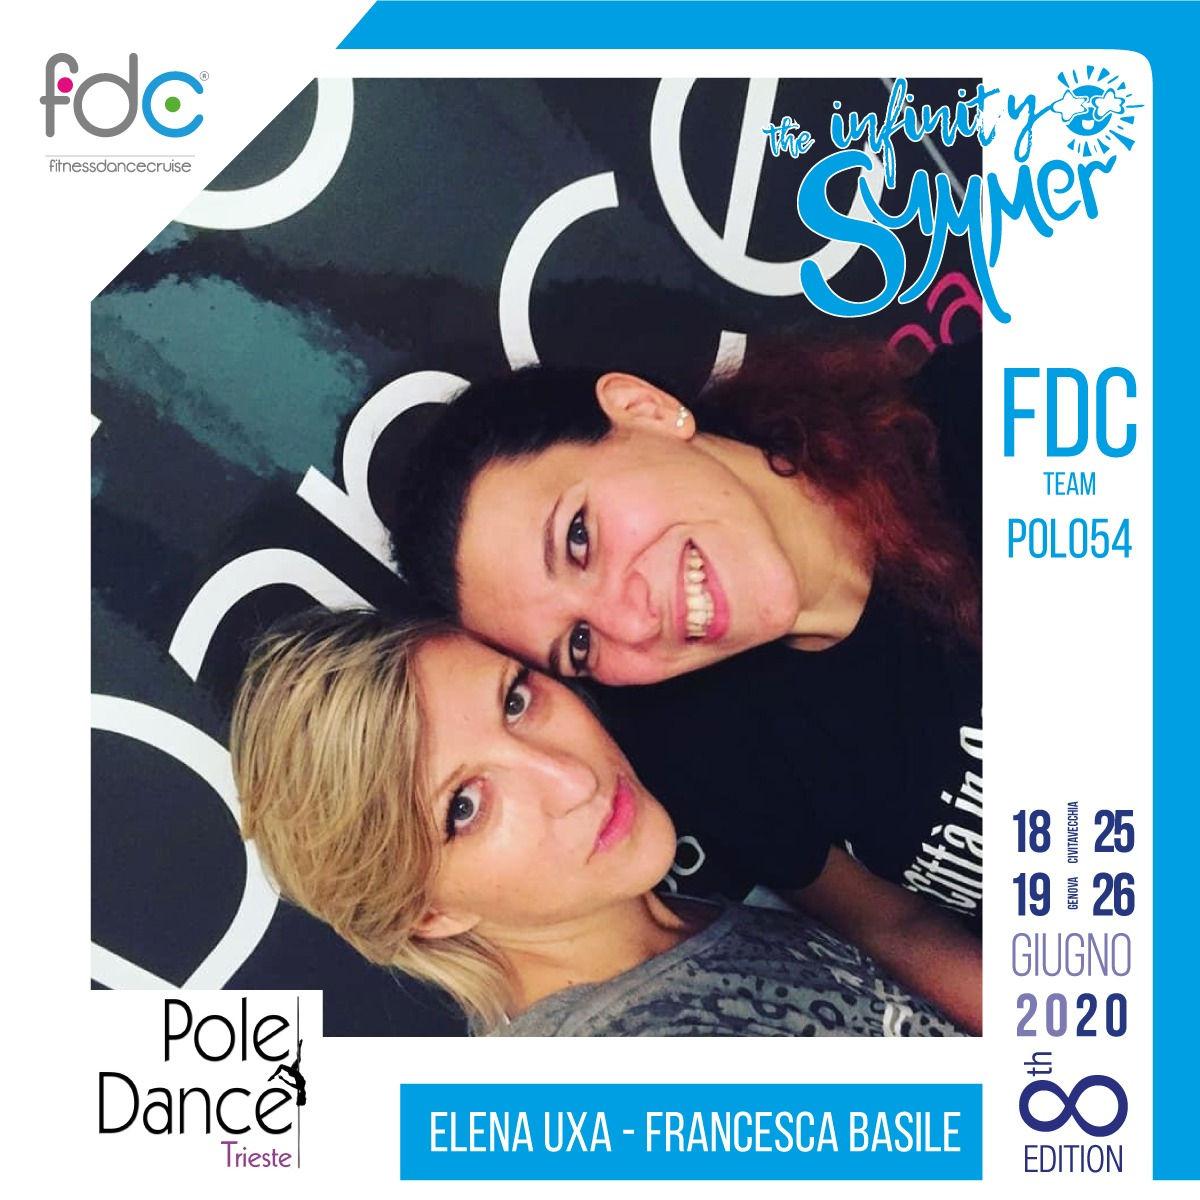 FDC Team Elena Uxa - Francesca Basile